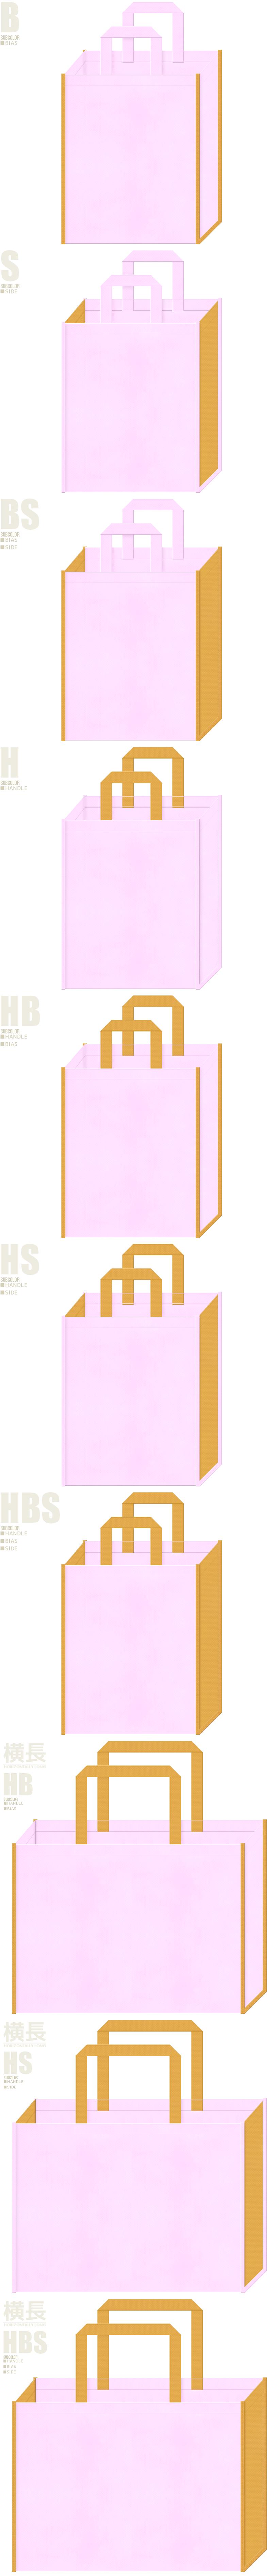 ペットショップ・ペットサロン・ペット用品・ペットフード・アニマルケア・絵本・おとぎ話・キャンディー・ワンダーランド・テーマパーク・プリンセス・ガーリーデザインにお奨めの不織布バッグデザイン:明るいピンク色と黄土色の配色7パターン。